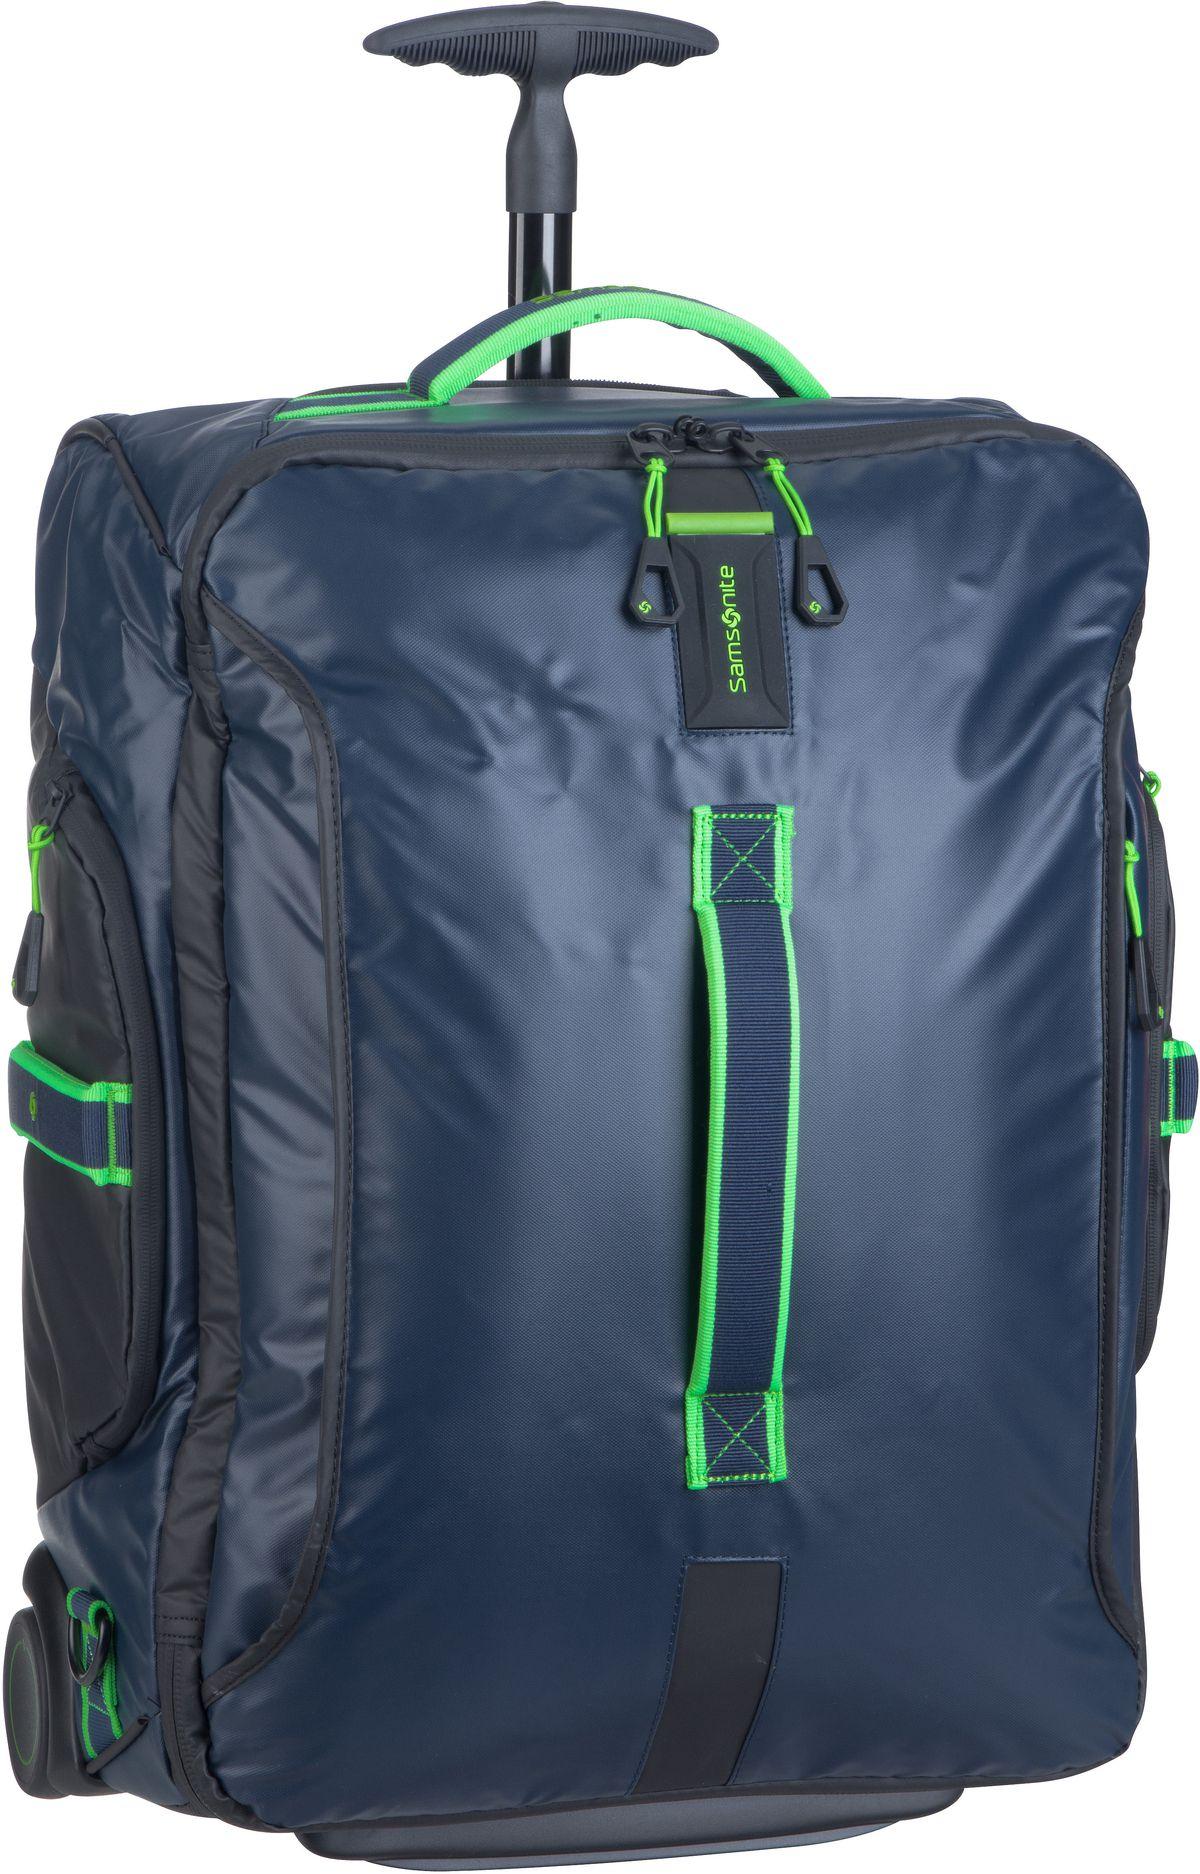 Reisegepaeck für Frauen - Samsonite Trolley Koffer Paradiver Light Wheeled Backpack Duffle 55 Night Blue Fluo Green (51 Liter)  - Onlineshop Taschenkaufhaus